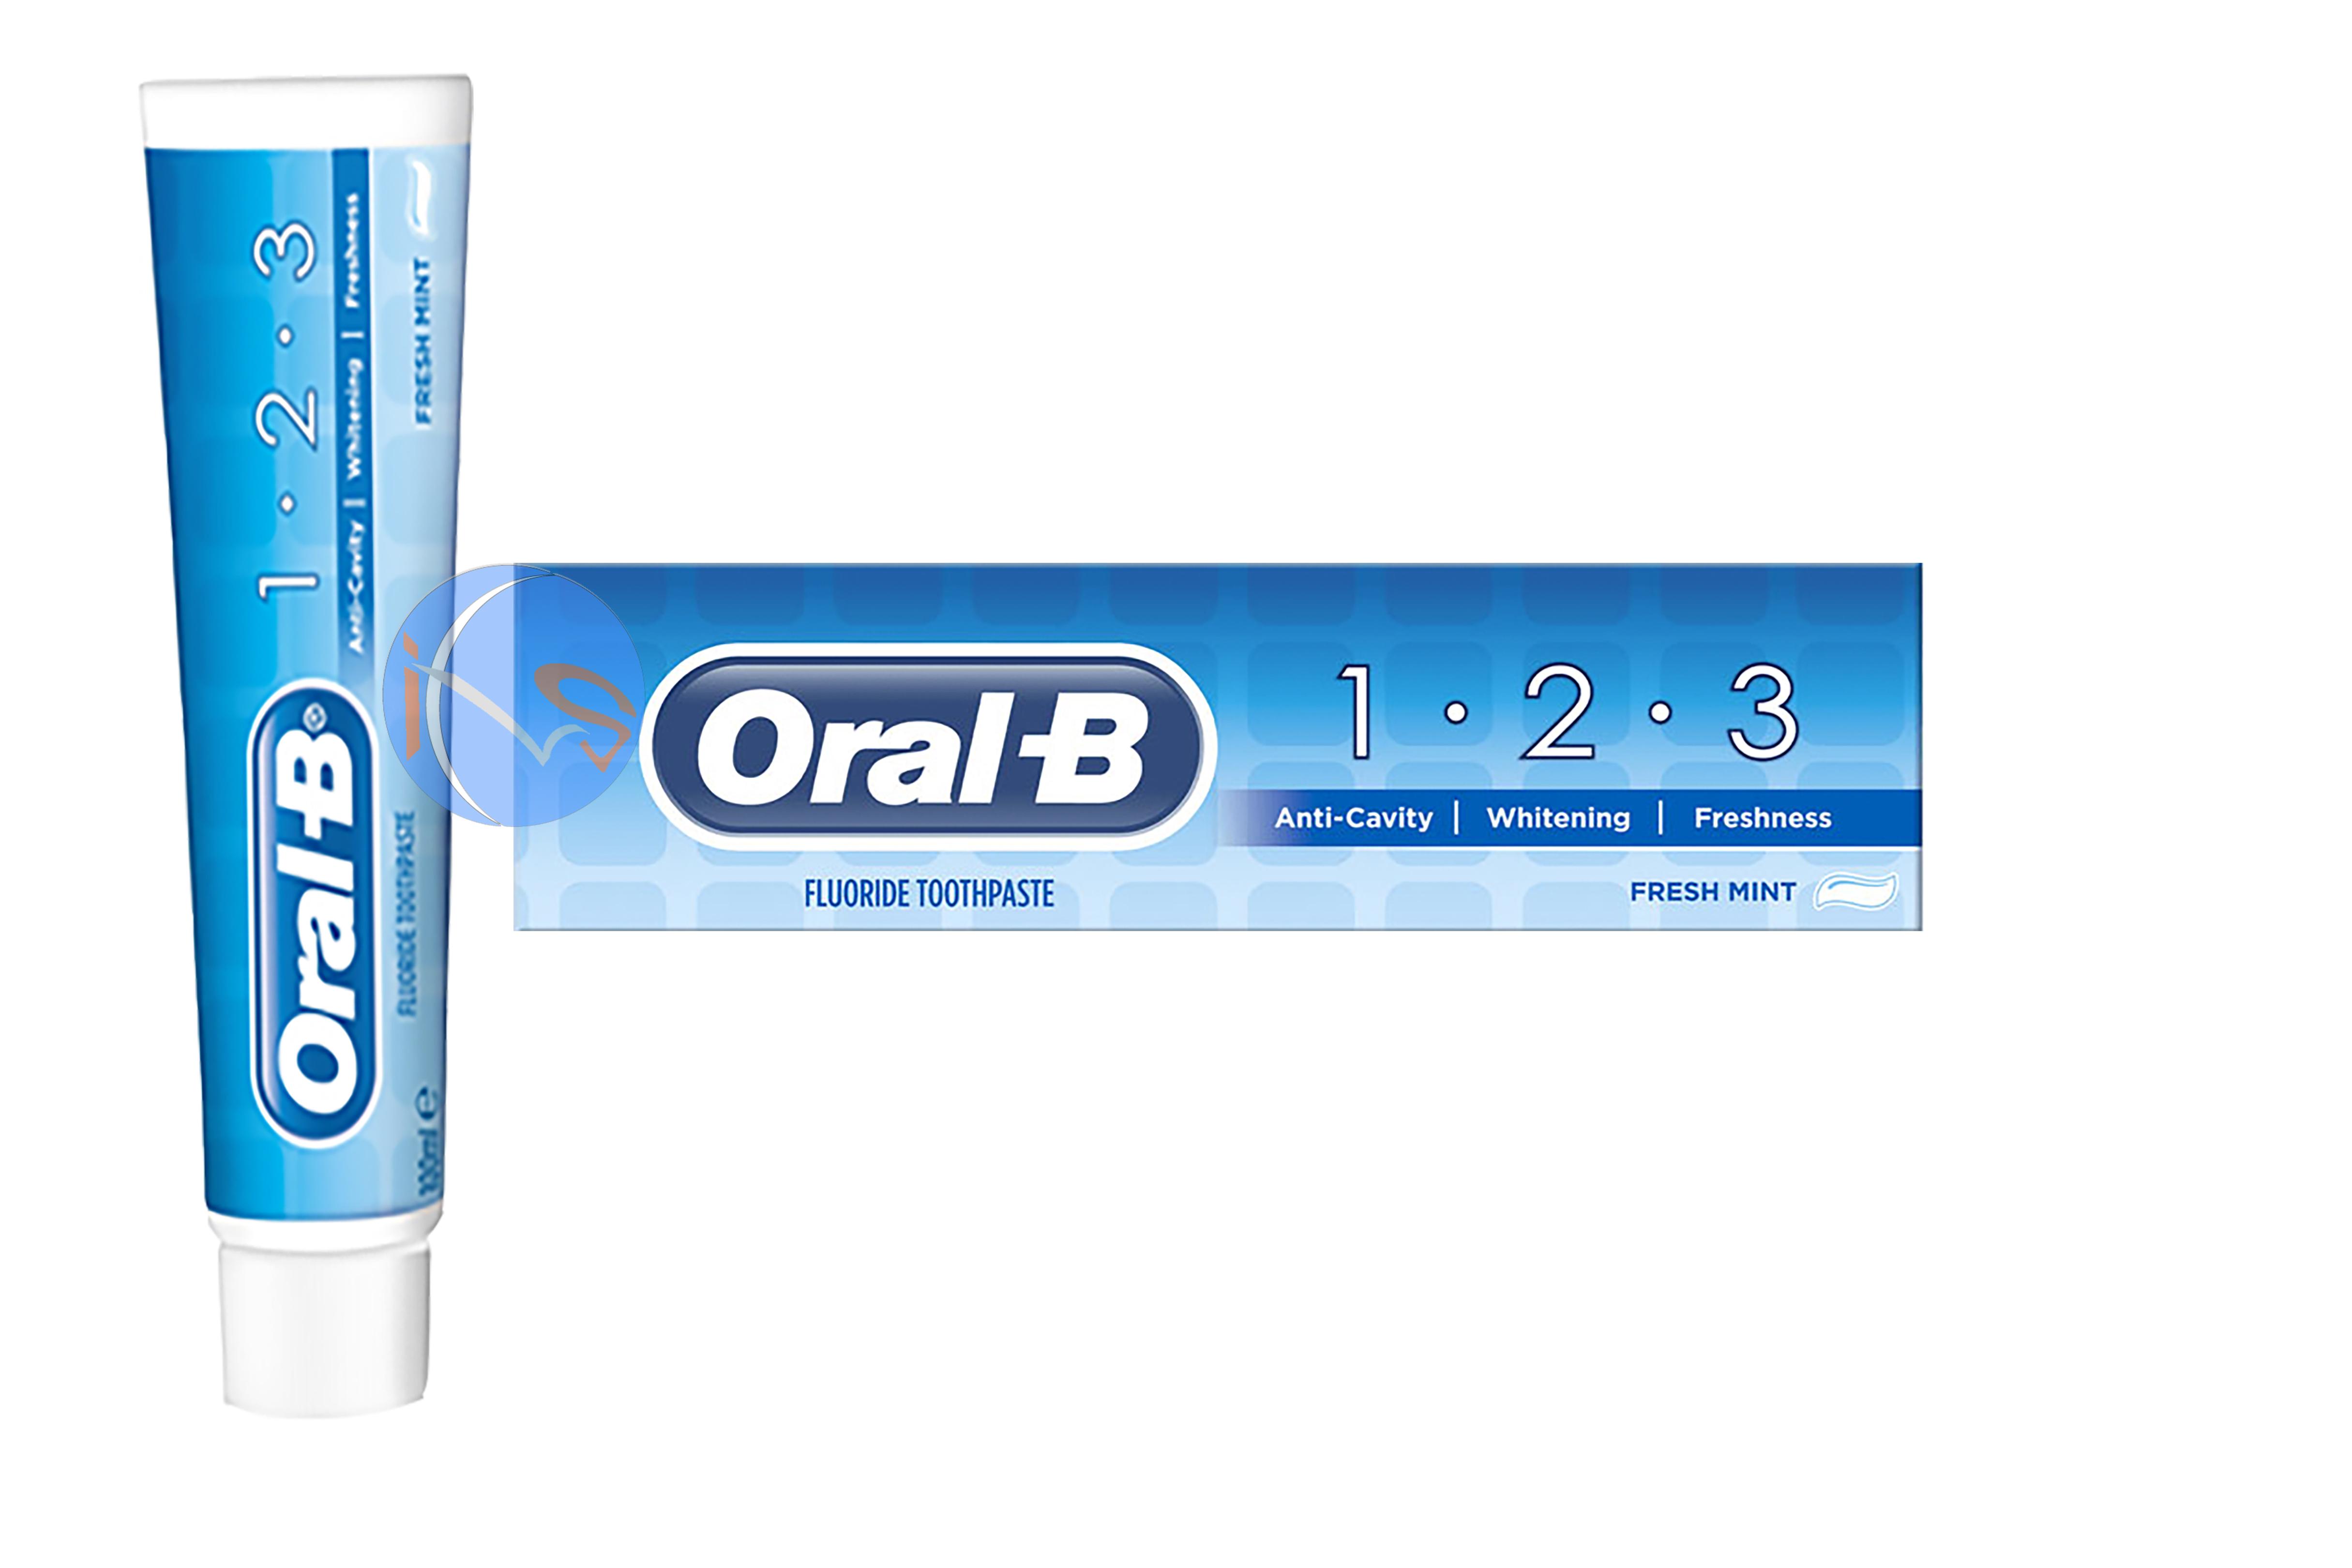 ORAL-B-123-ANTI-CAVIDAD-Pasta-de-Dientes-Con-Fluorida-Menta-Fresca-1ooml-1-3